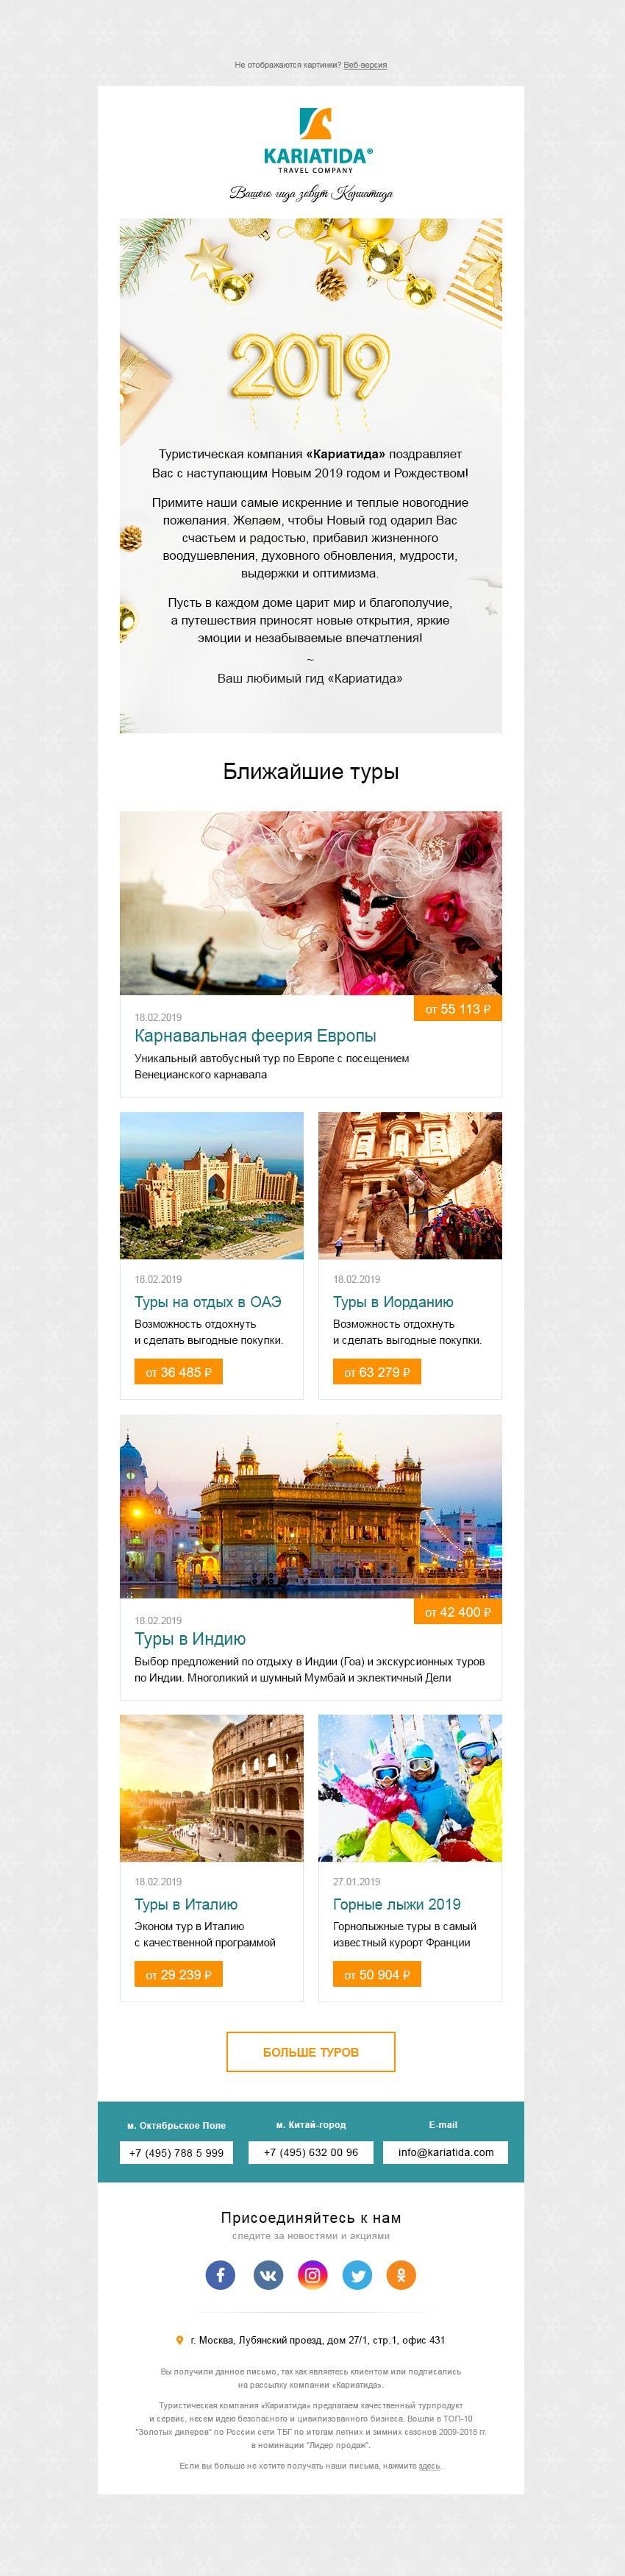 Туризм Ближайшие туры в разные страны: